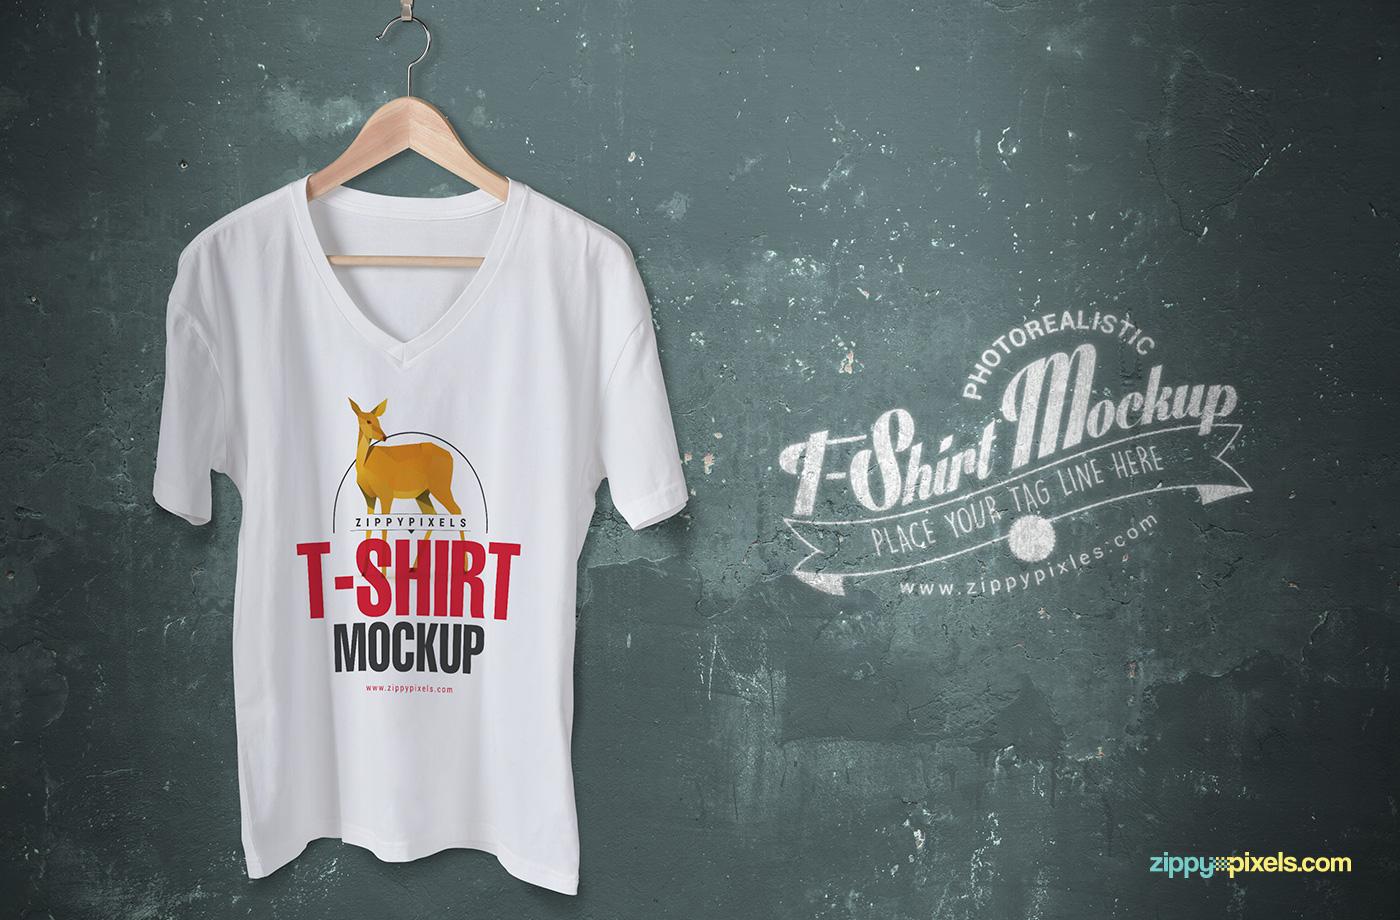 free tshirt mock up